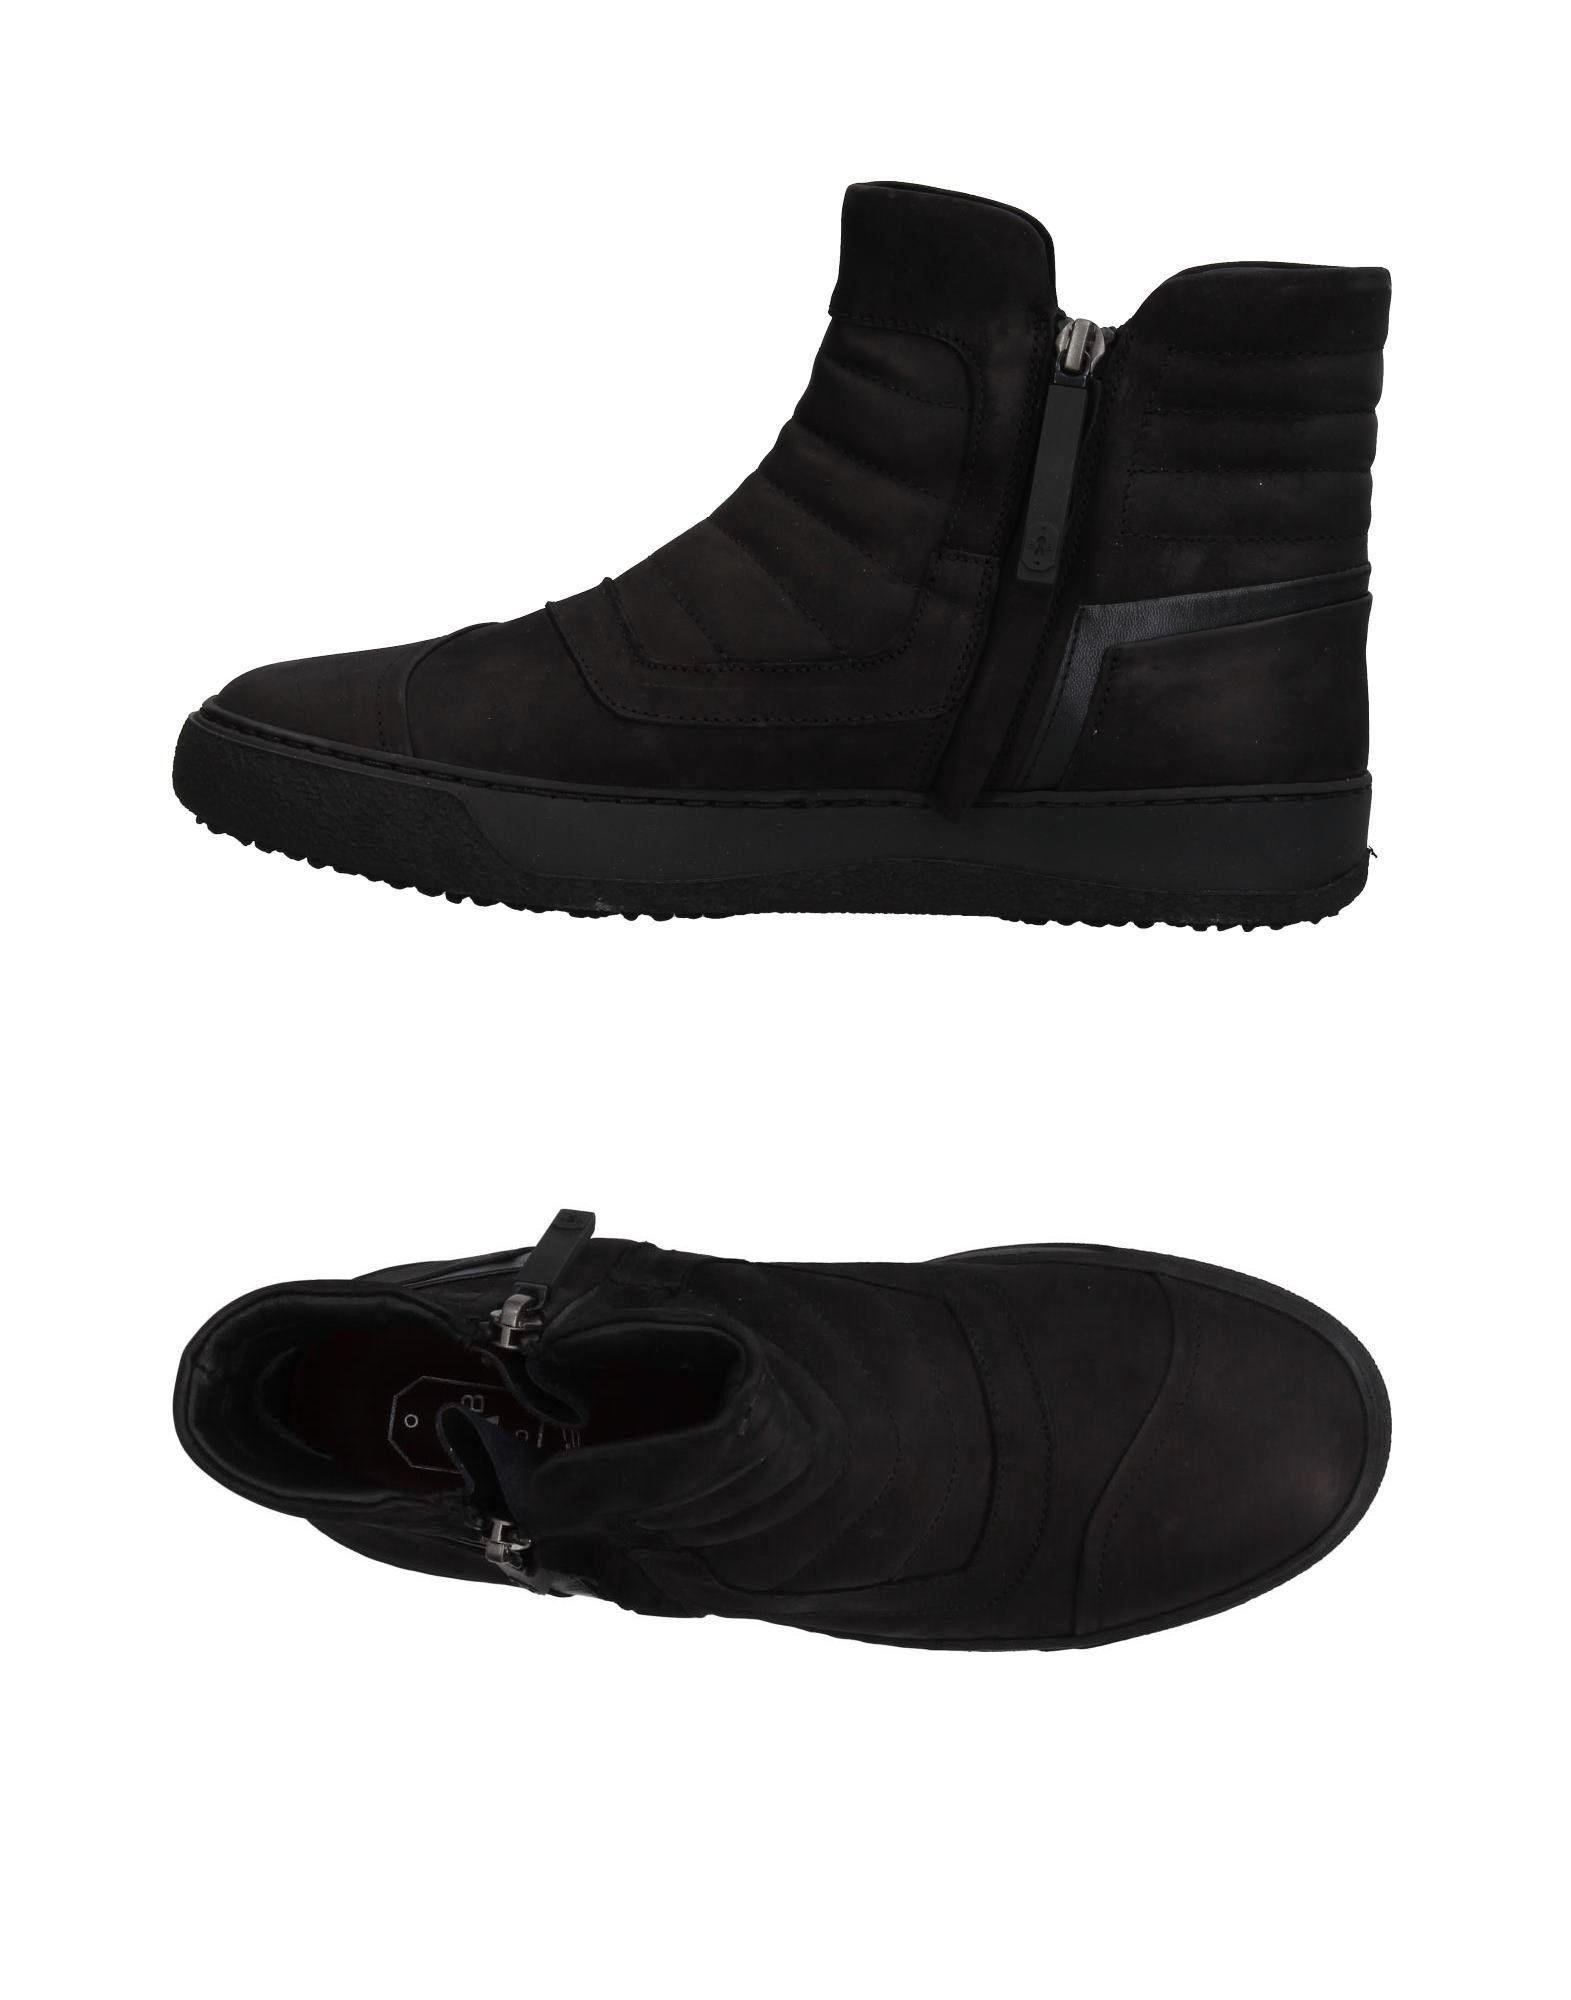 BRUNO BORDESE | BRUNO BORDESE High-tops & sneakers 11366580 | Goxip